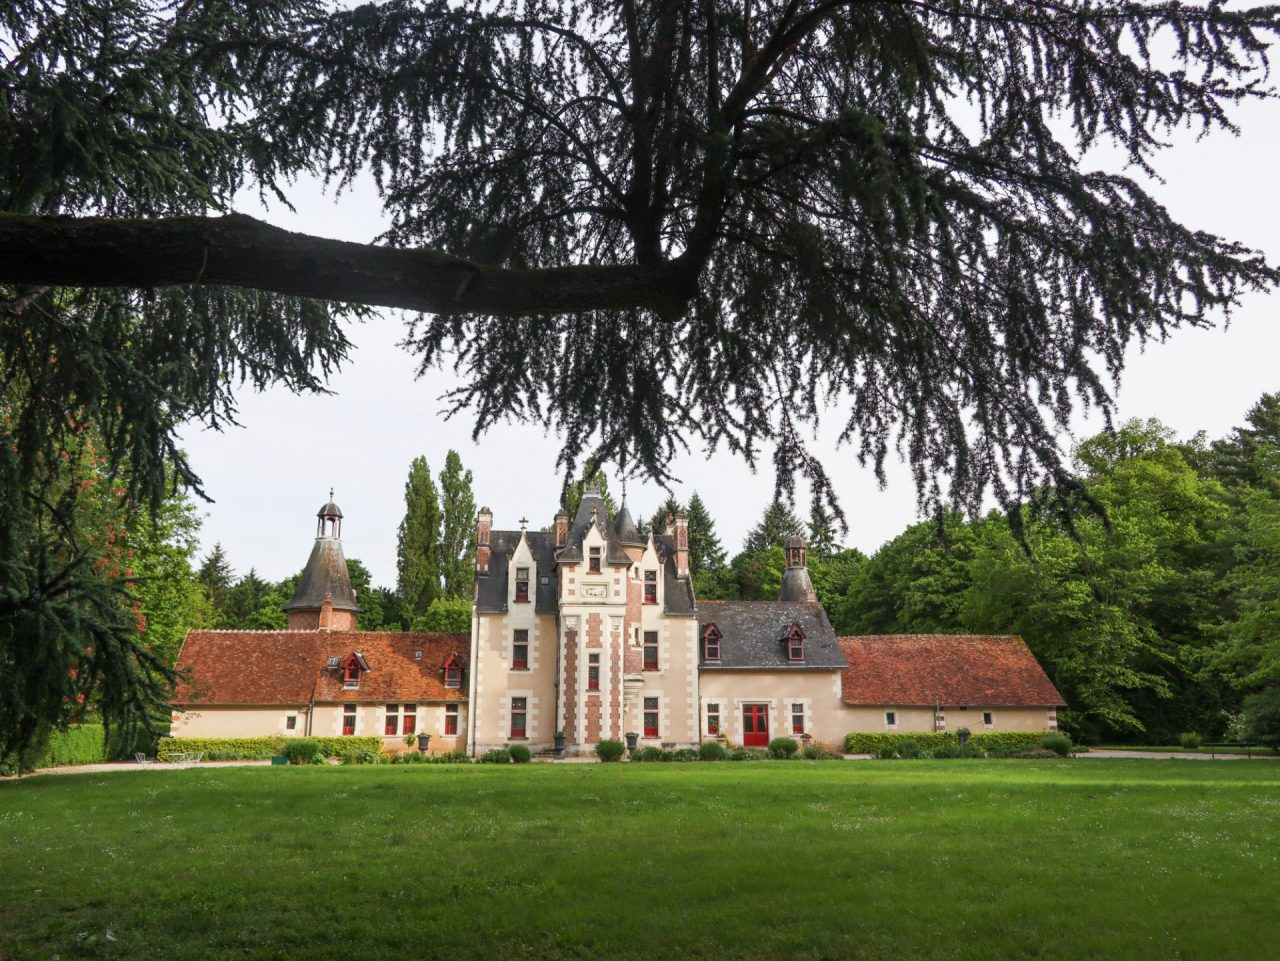 val-de-loire-cheverny-chateau-de-troussay-facade-jardin